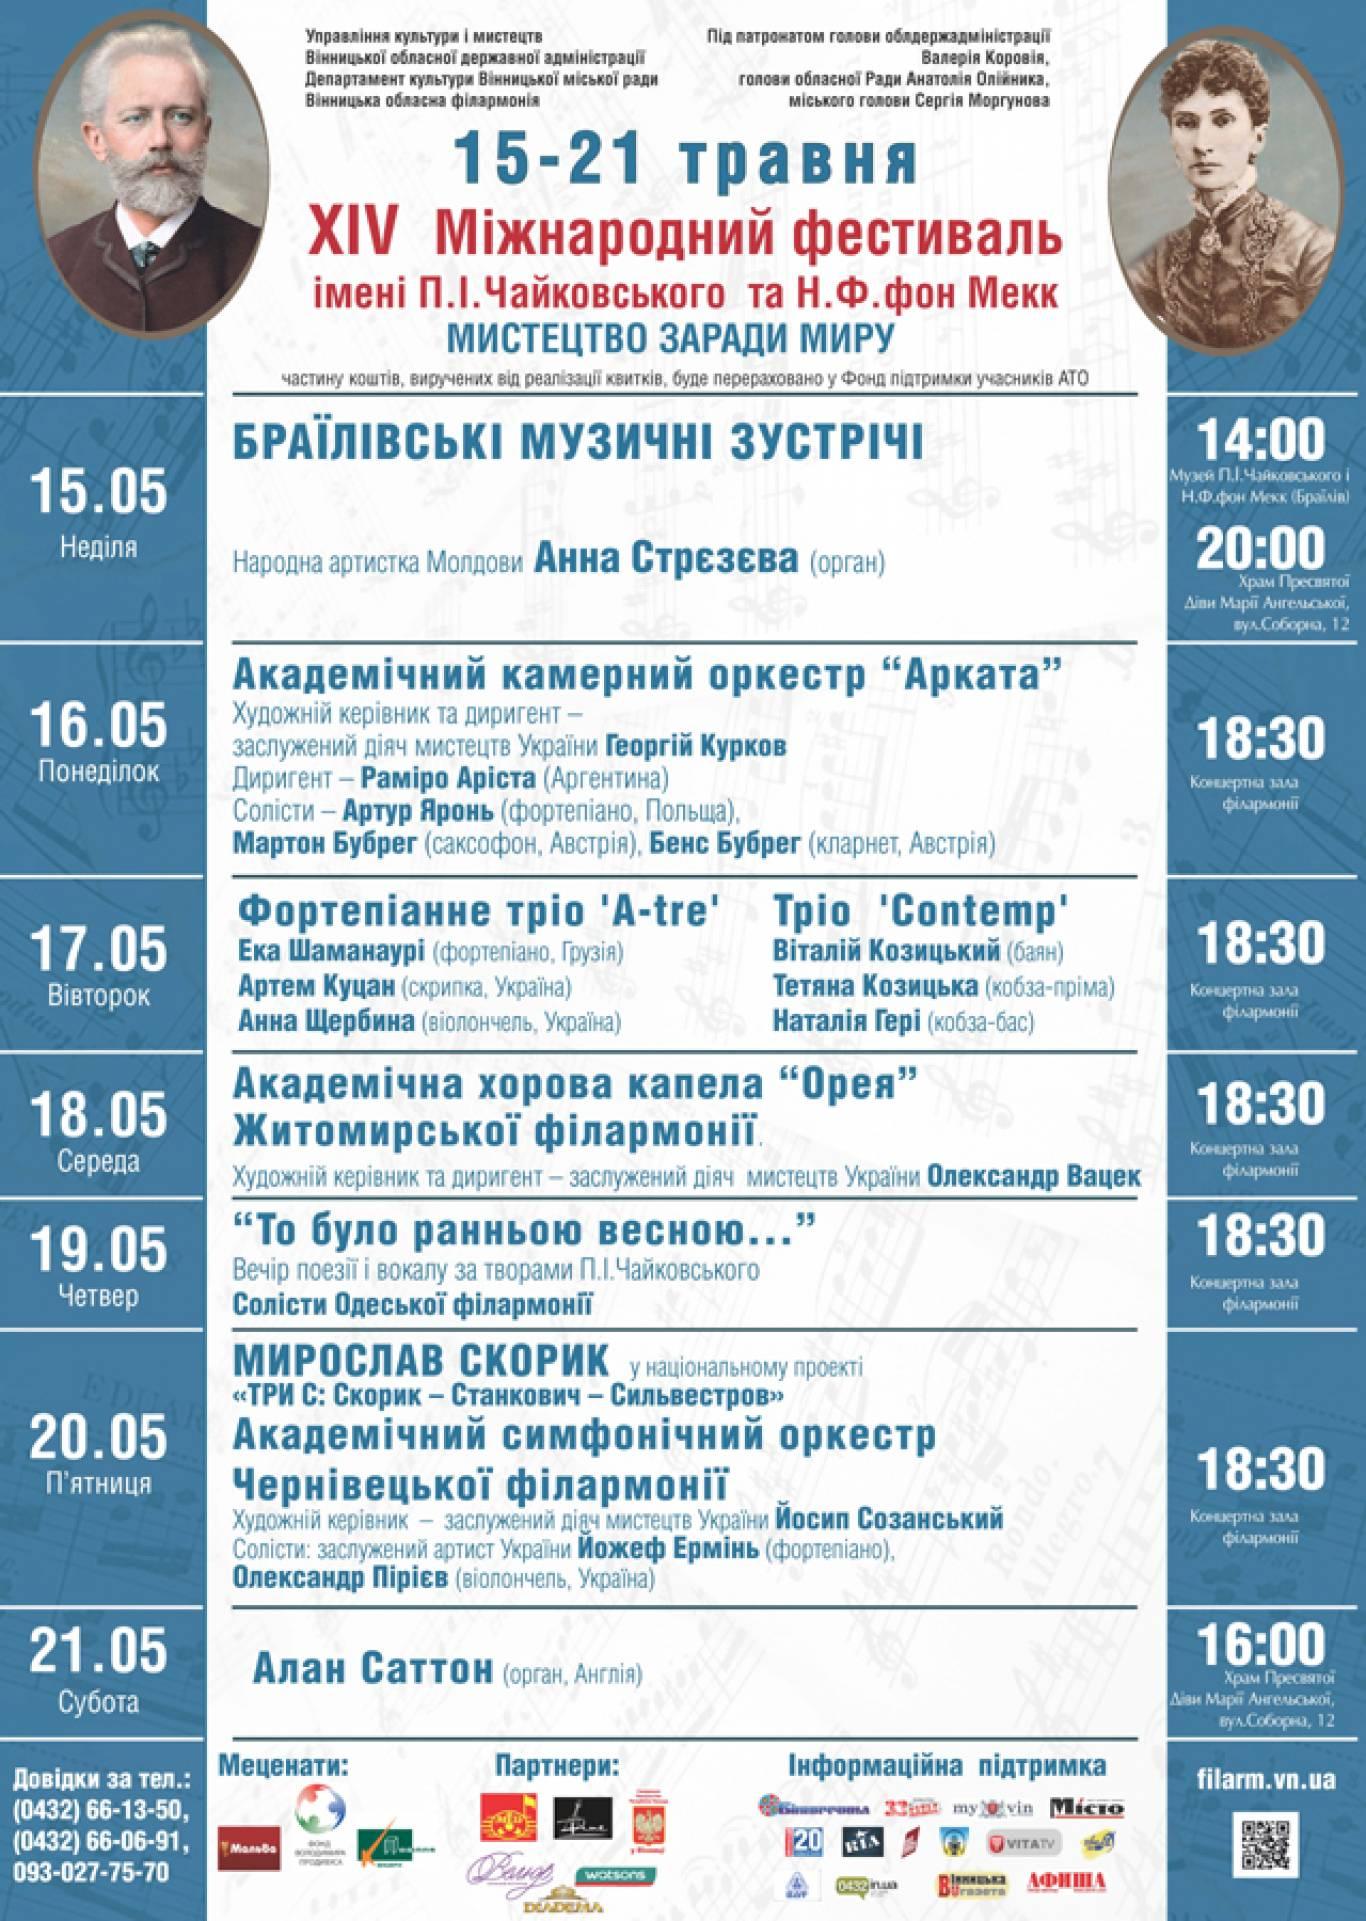 ХІV Міжнародний фестиваль імені П. І. Чайковського та Н.Ф.фон Мекк